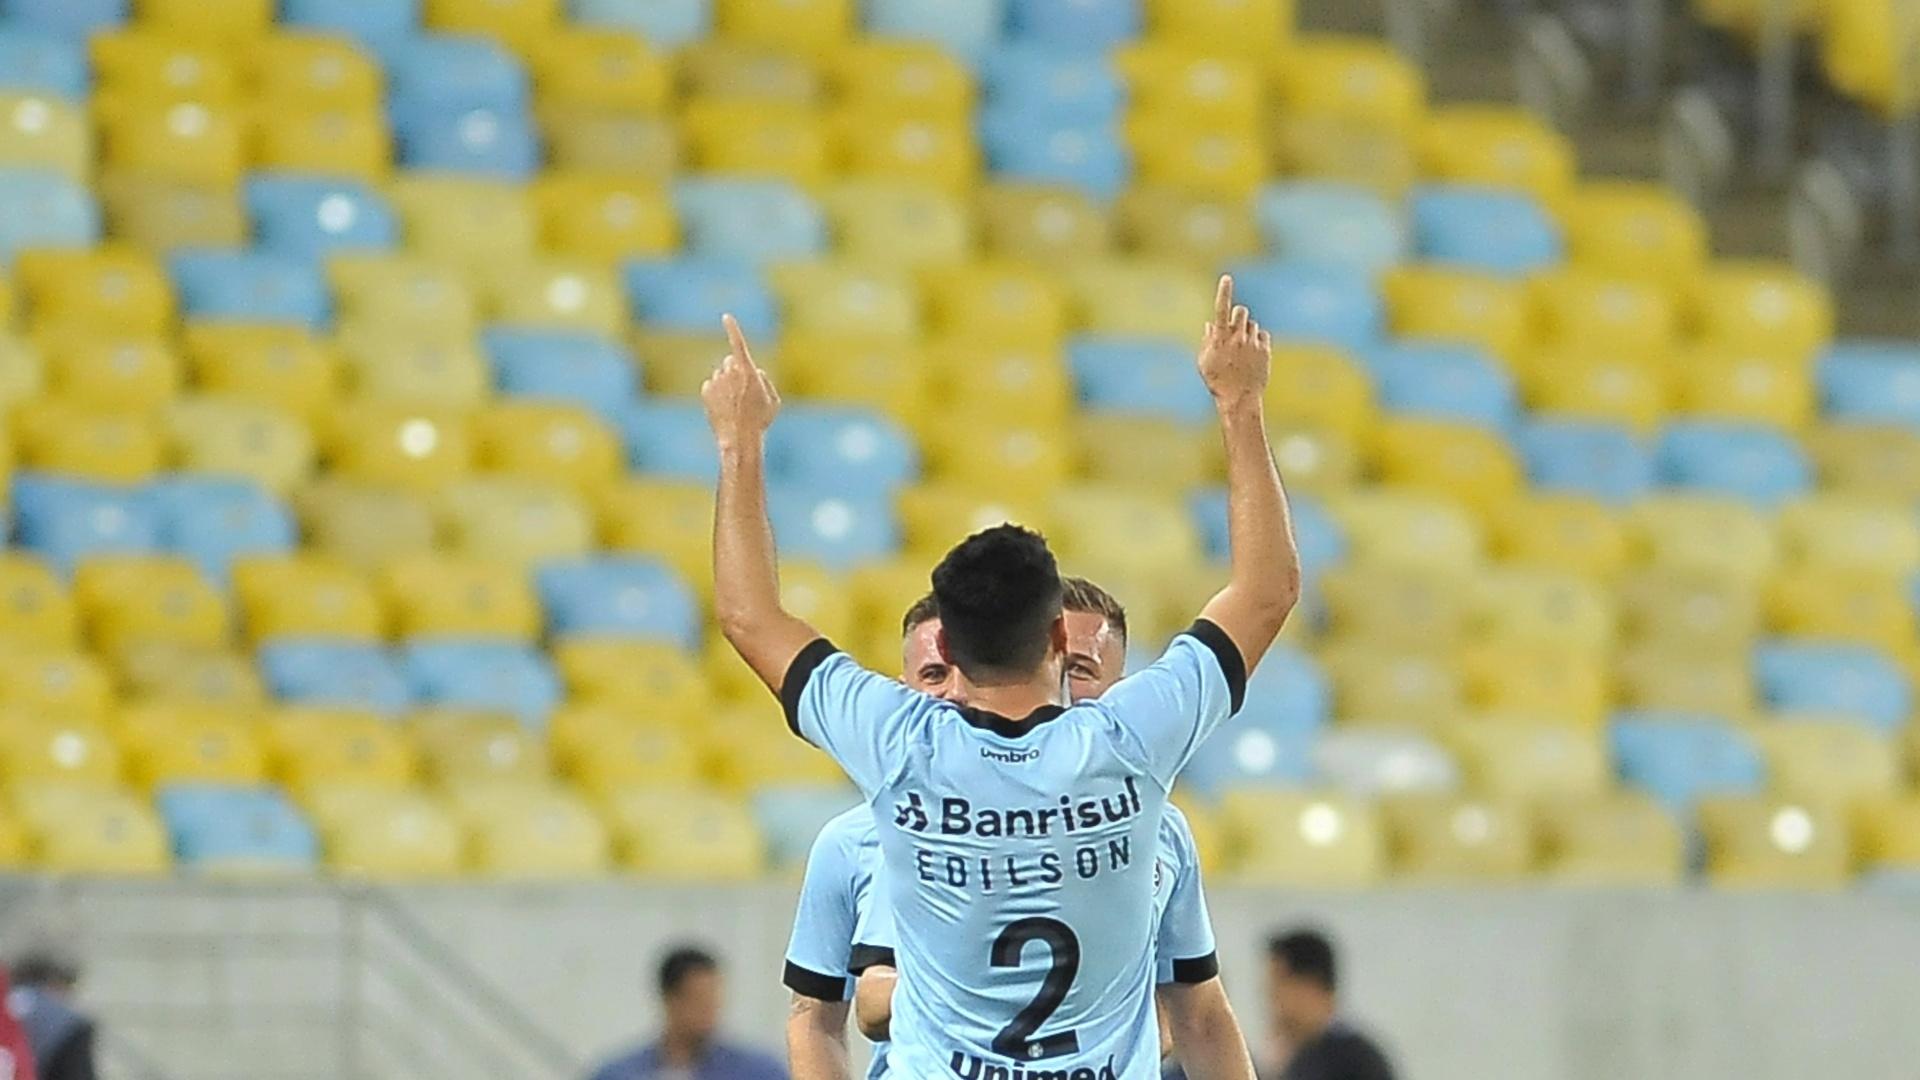 Edílson comemora gol do Grêmio diante do Fluminense pelo Campeonato Brasileiro 2017